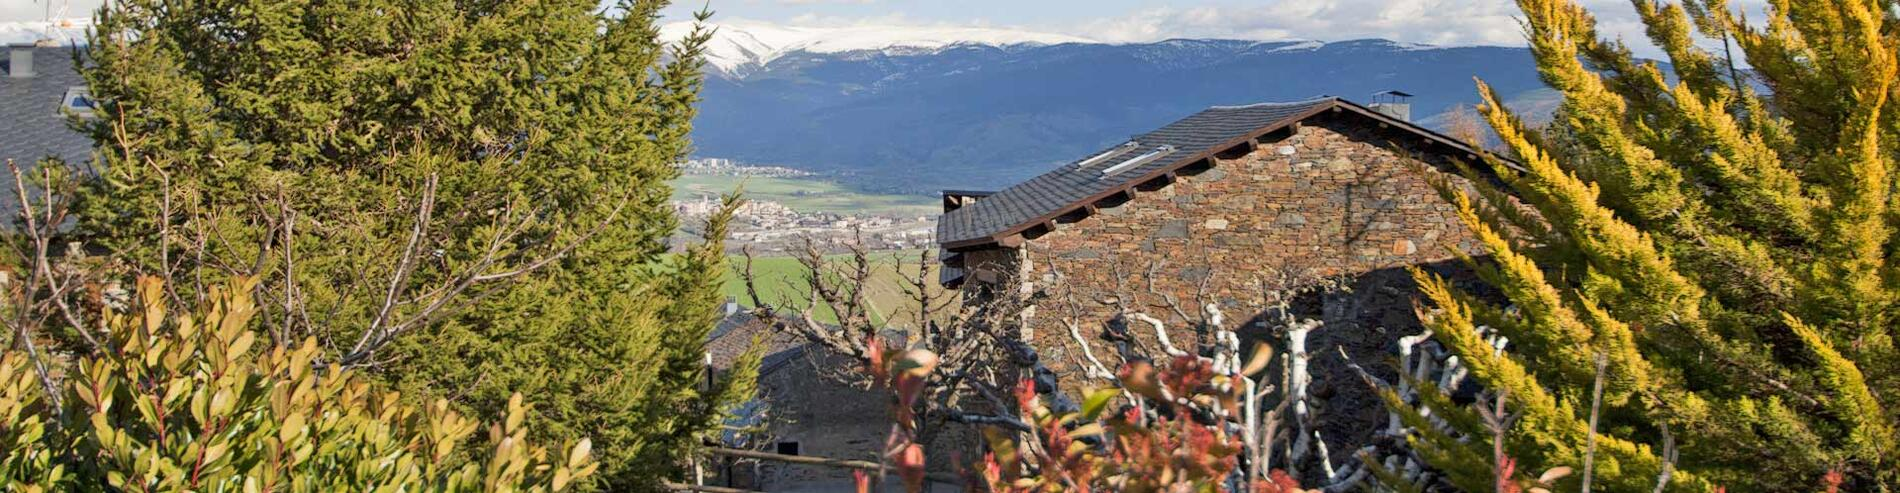 Inmobiliaria en Guils, La Cerdanya